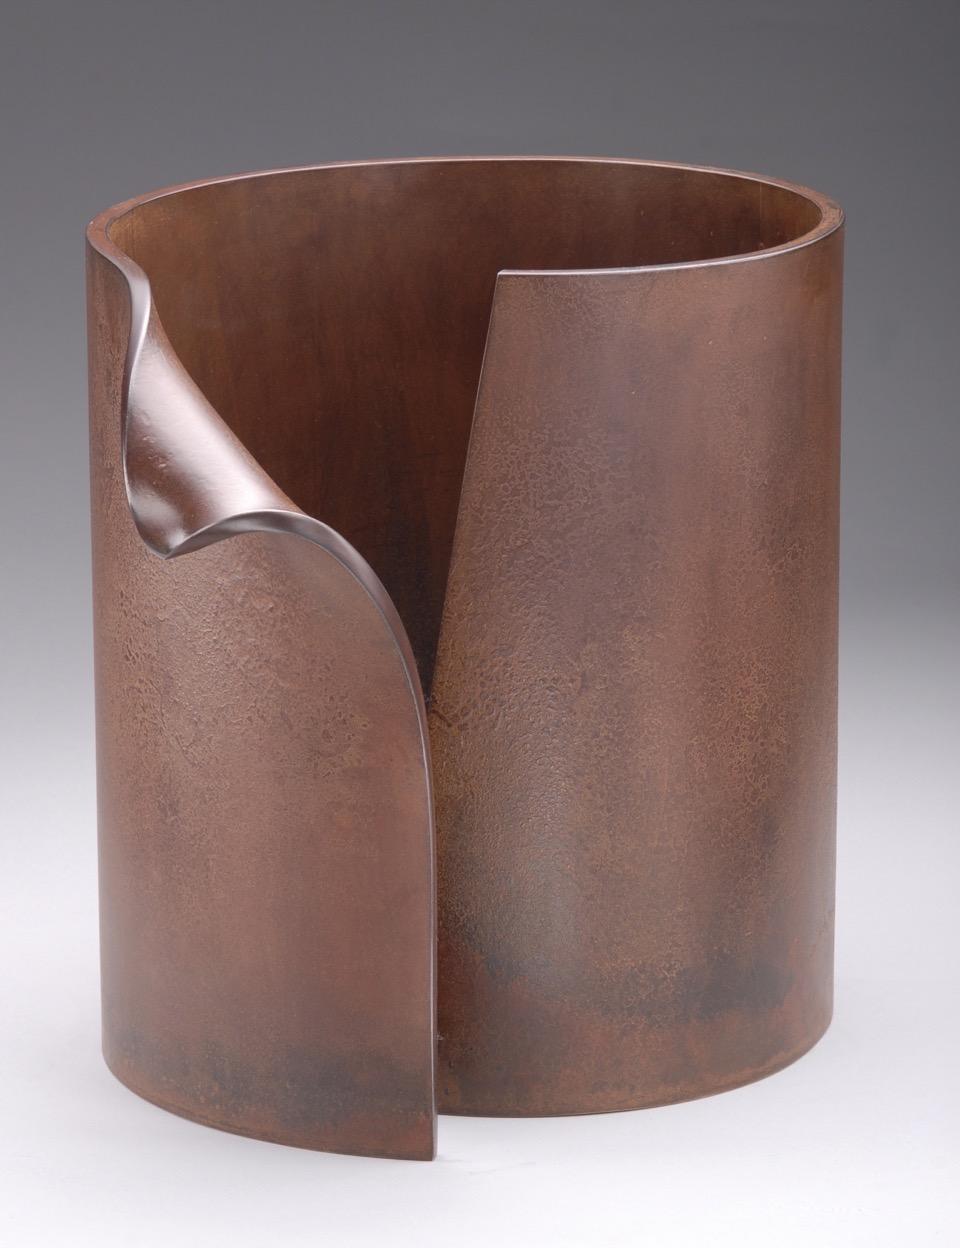 Pipe Dream, 2005, steel, 6 x 13 x 12 in, $4,500